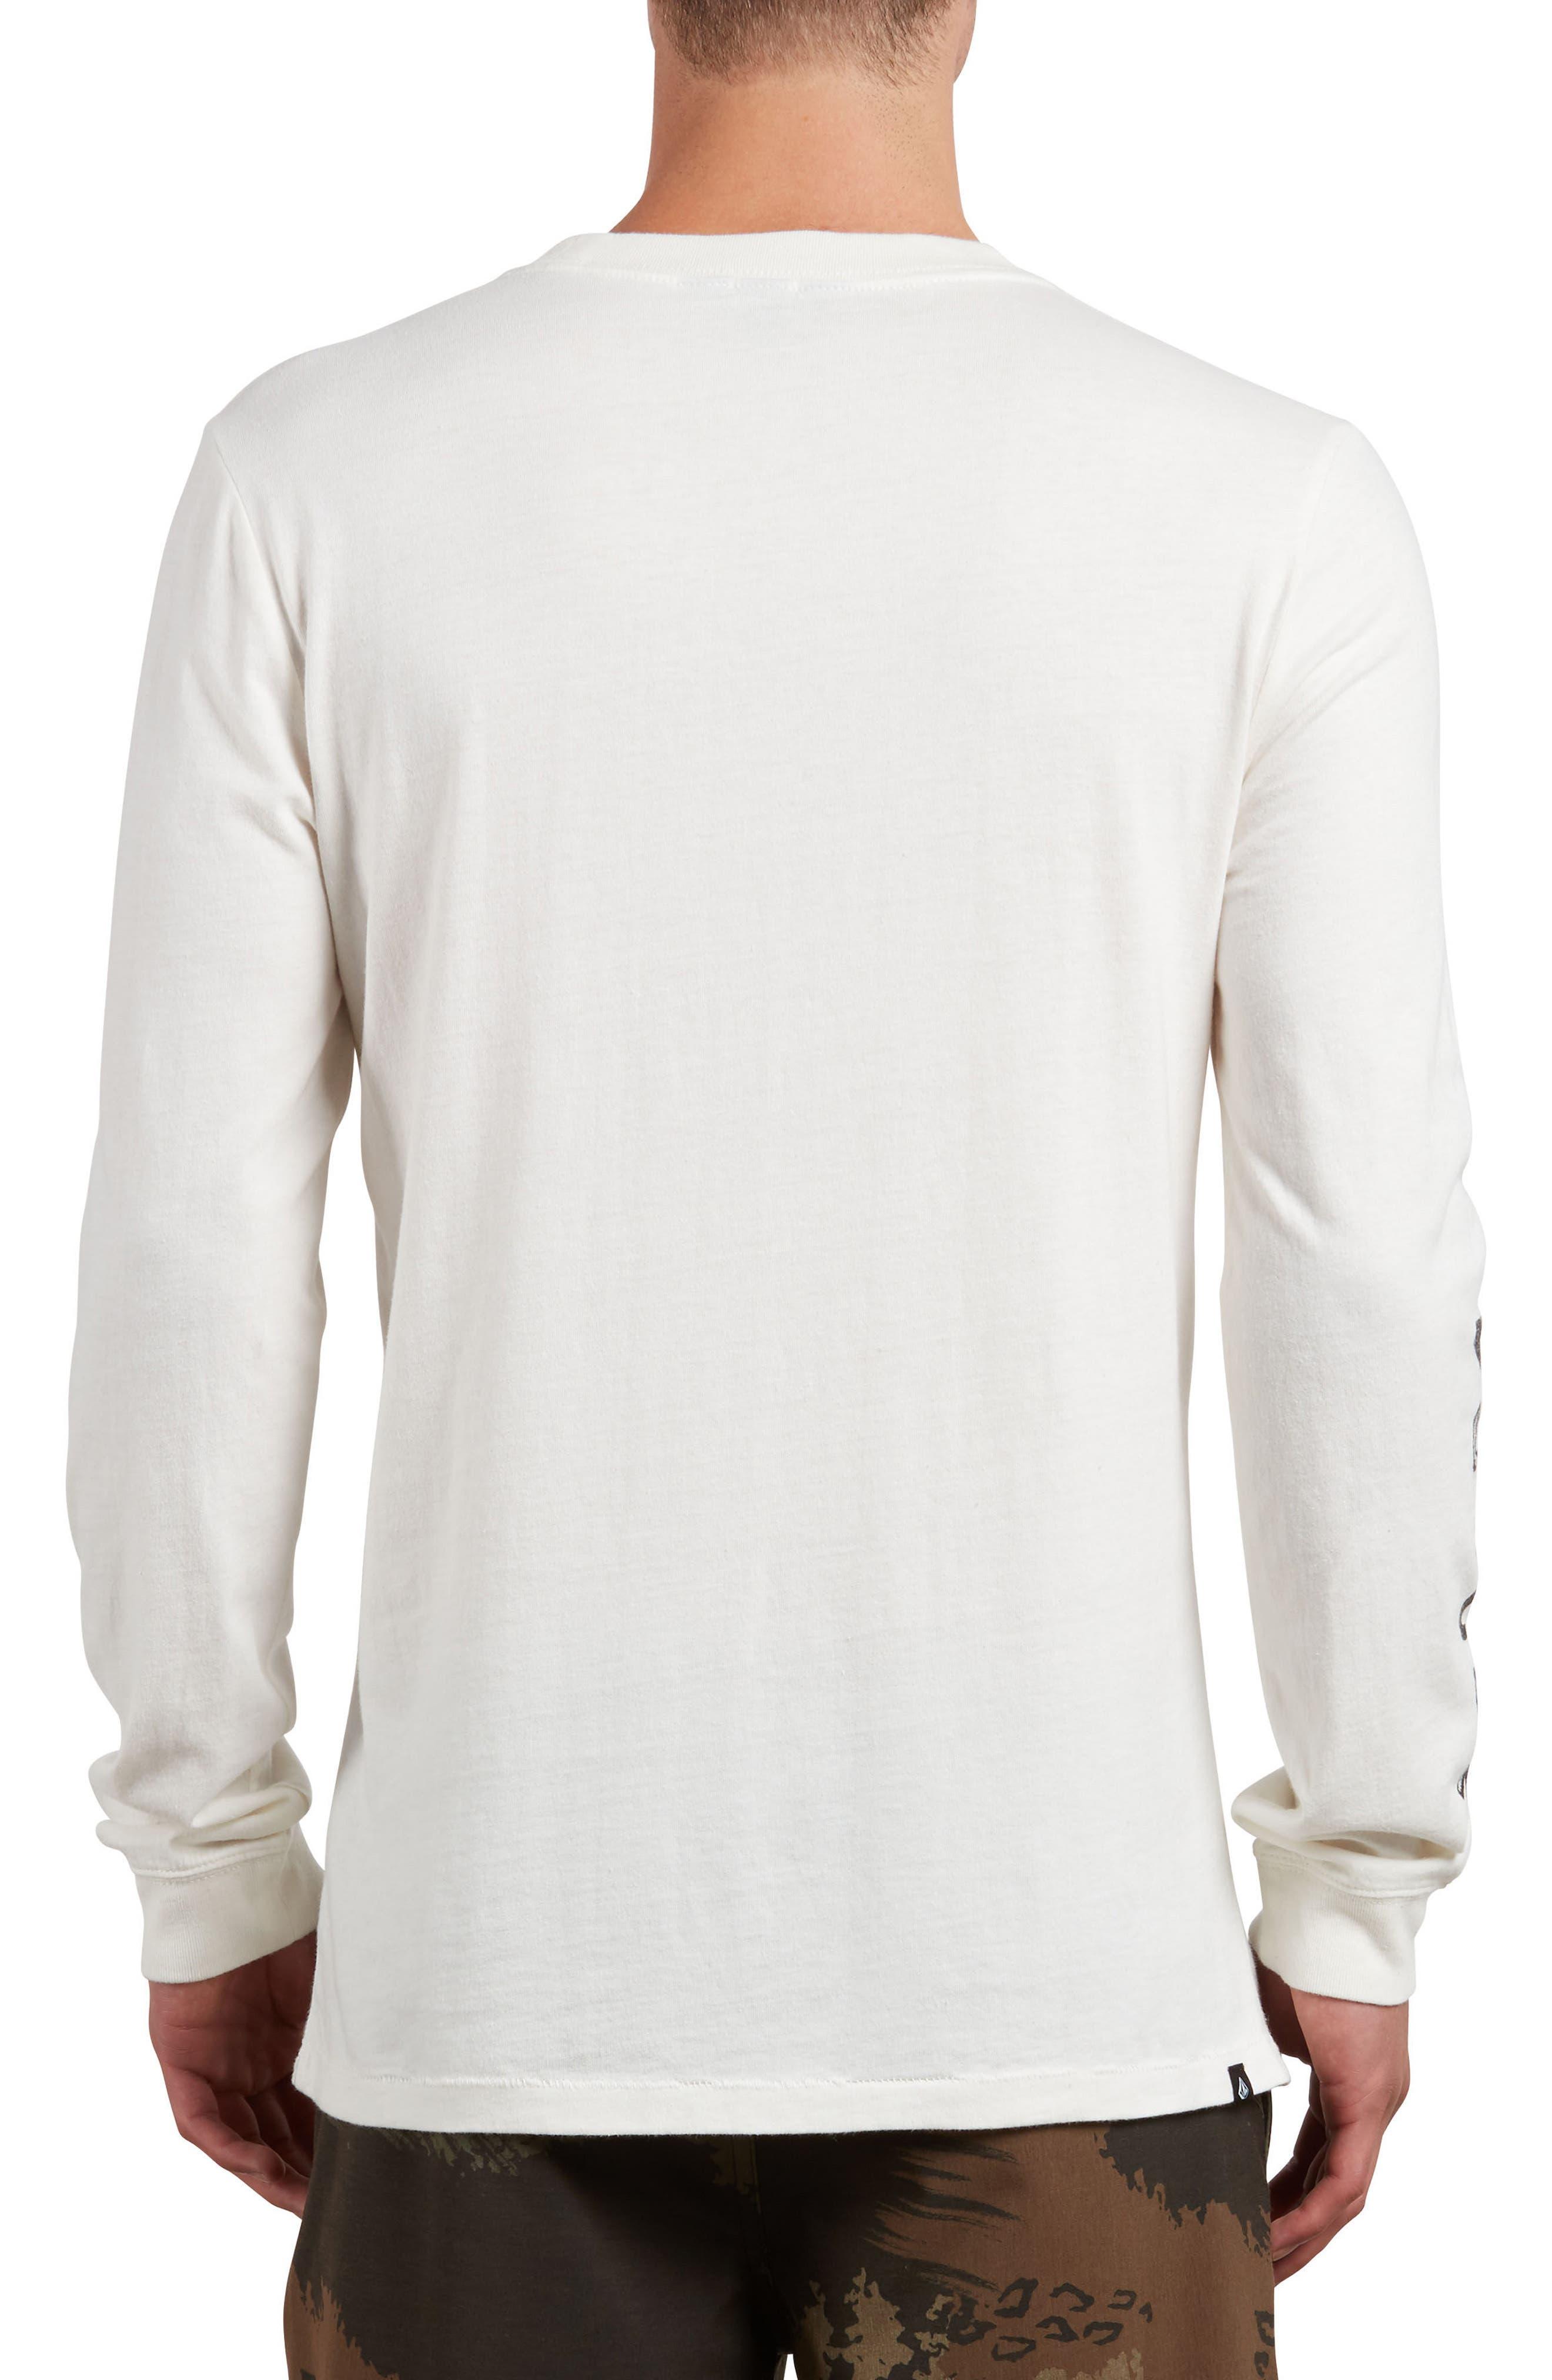 Freestate Knit T-Shirt,                             Alternate thumbnail 2, color,                             White Flash